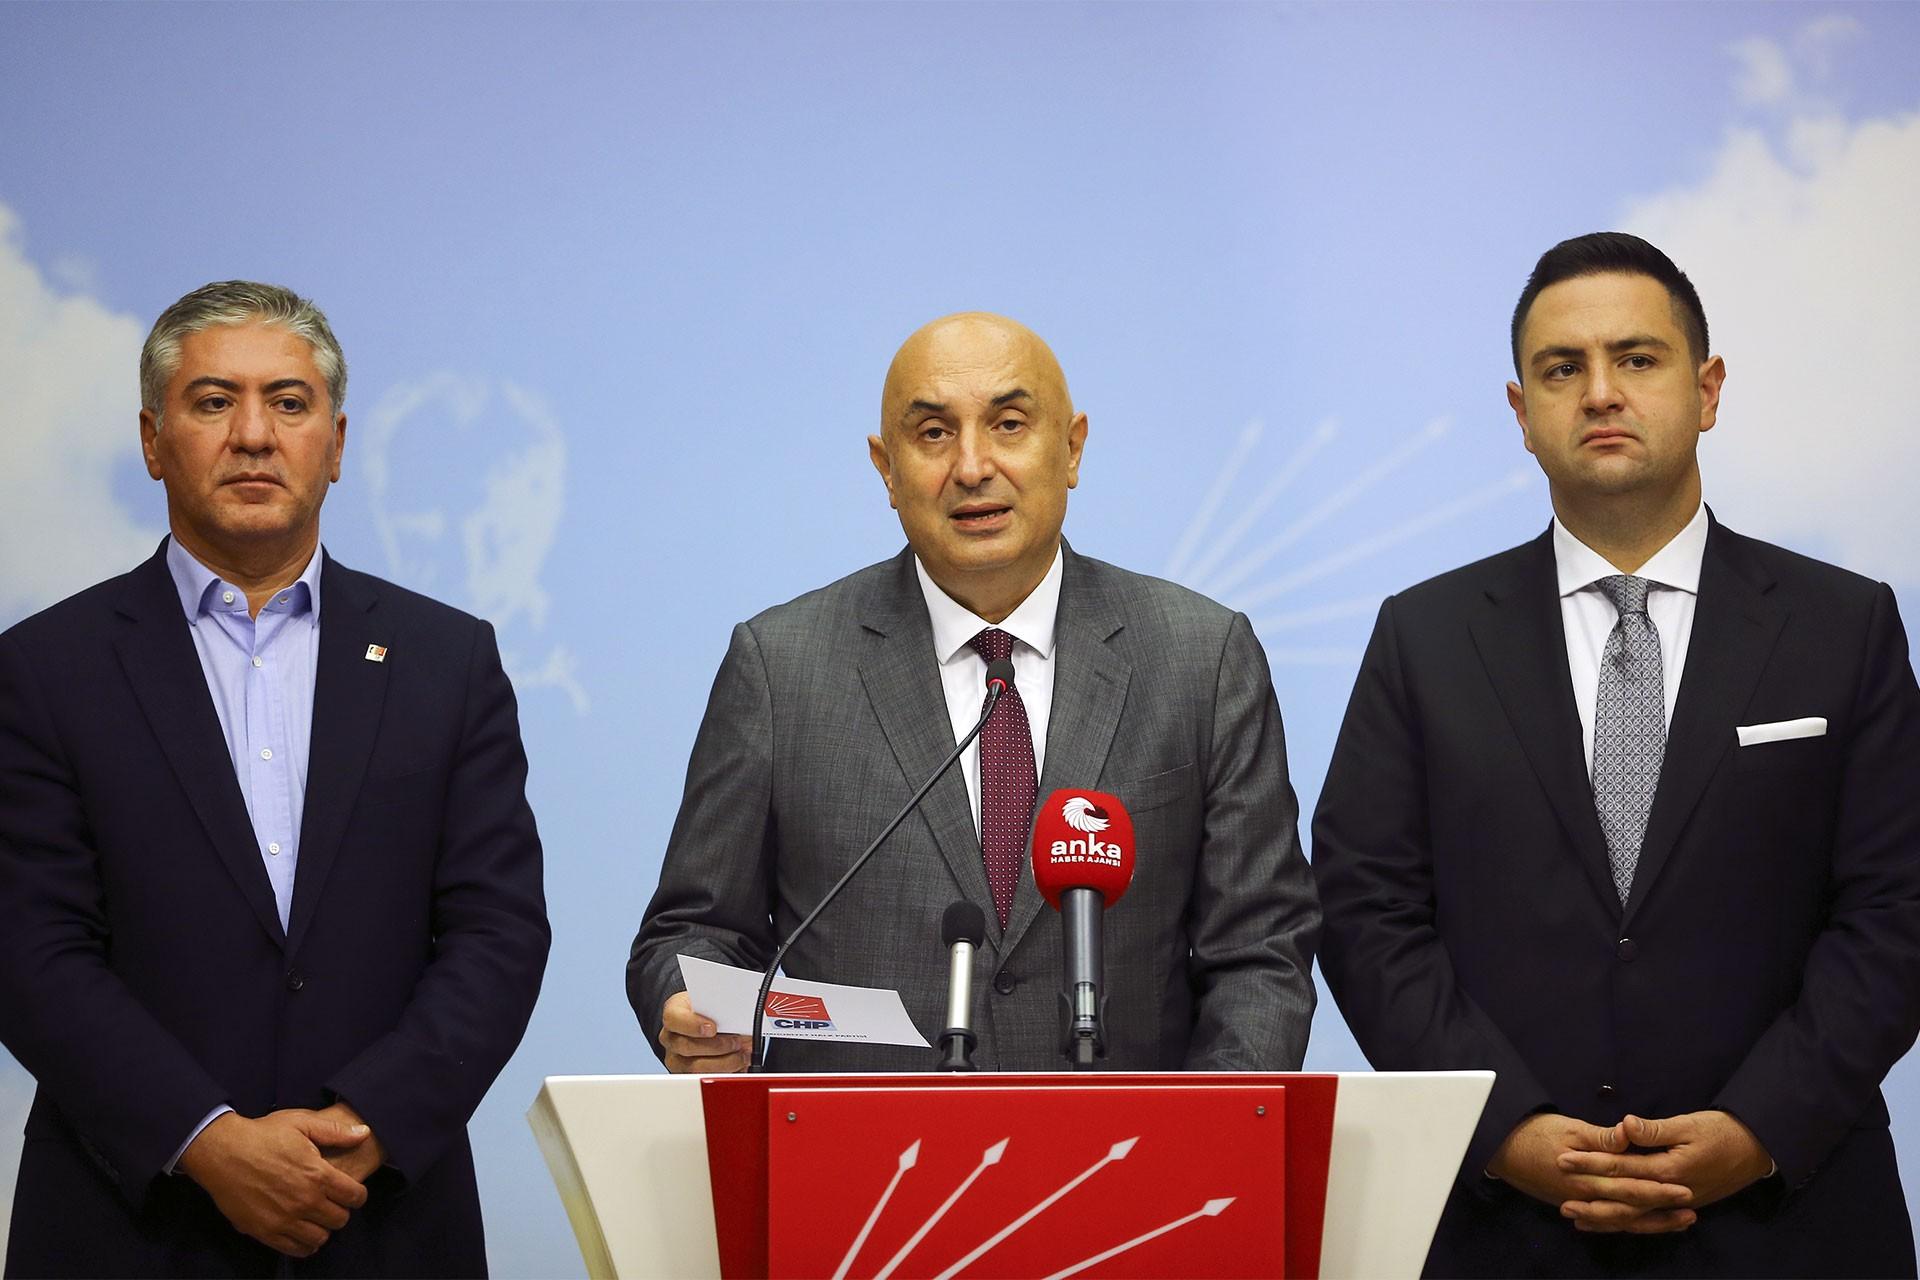 CHP'li Özkoç: Kılıçdaroğlu'na saldıranlar IŞİD üyesi, buna rağmen beraat etti